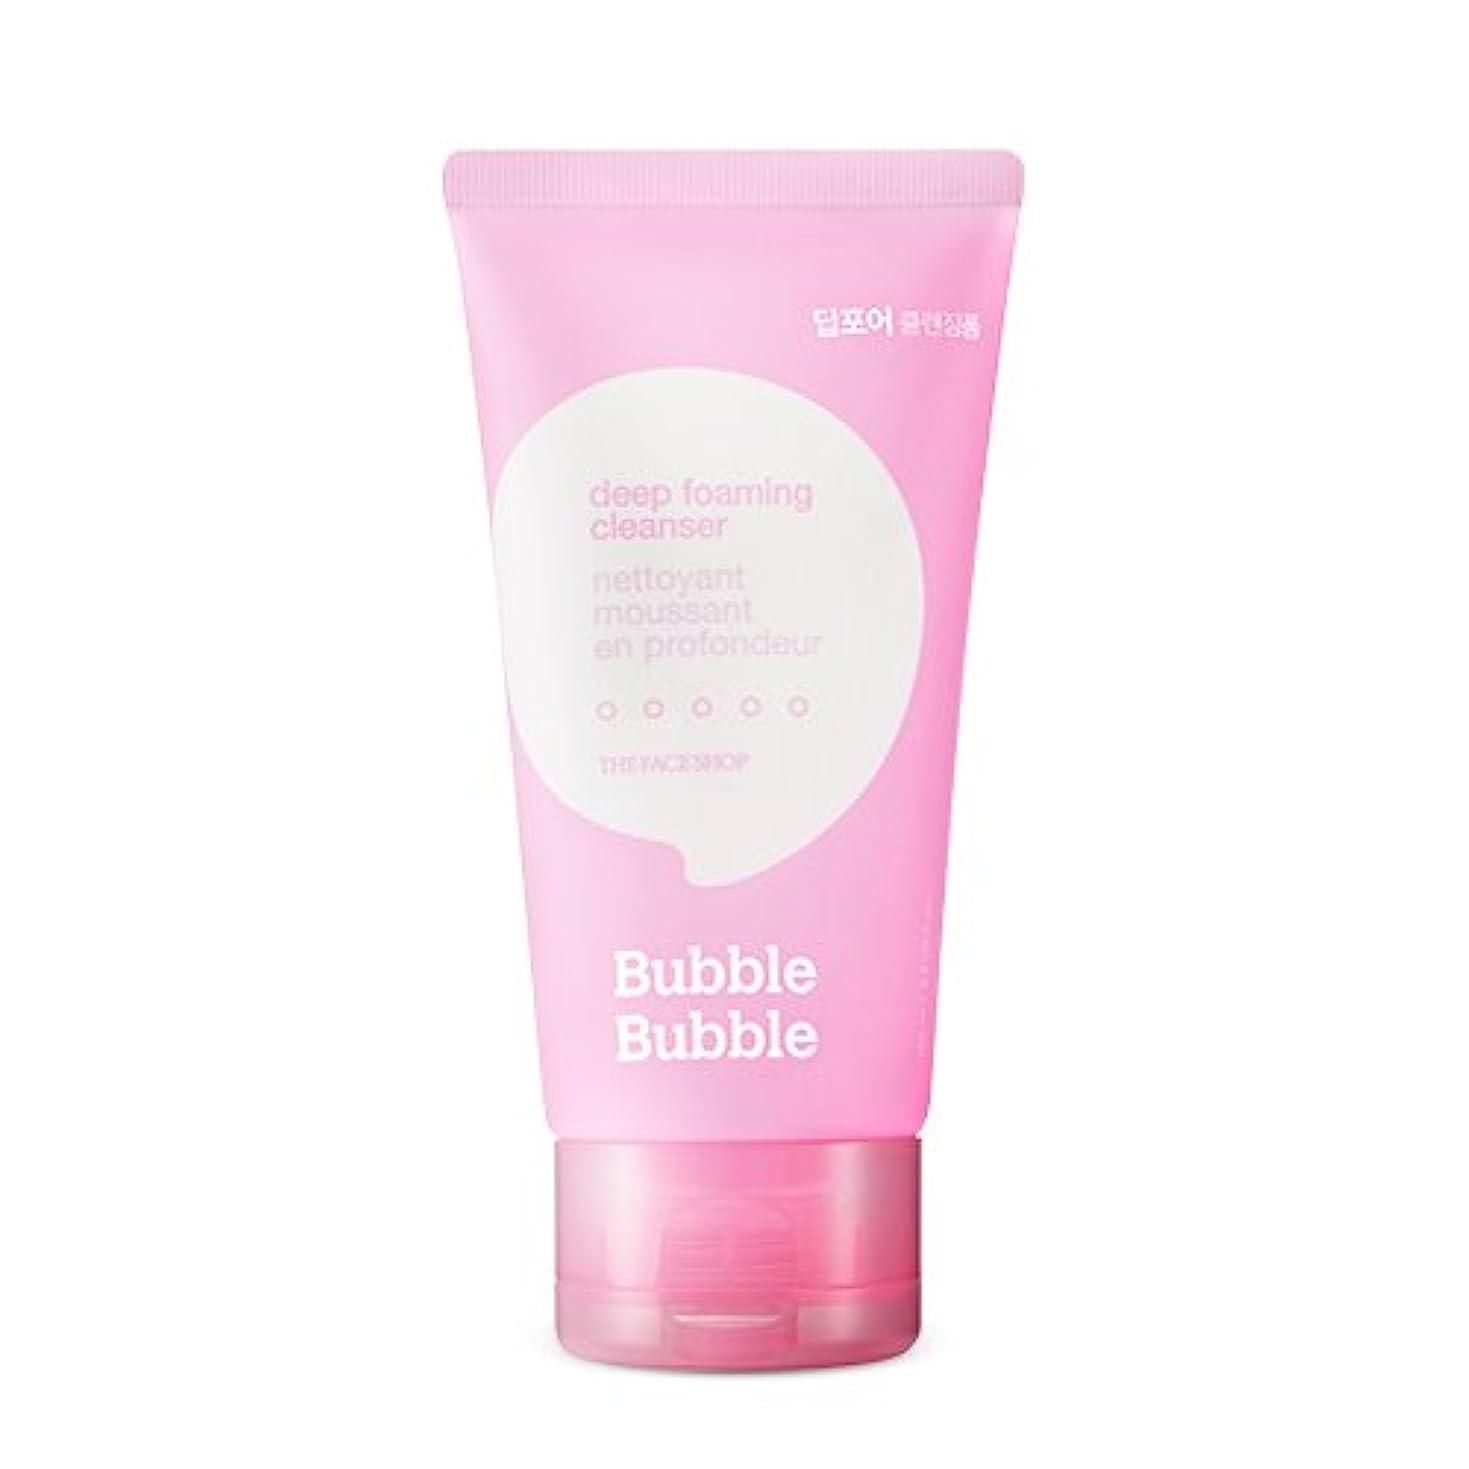 防止南西別のTHE FACE SHOP Bubble Bubble Foaming Cleanser 100ml/ザフェイスショップ バブル バブル フォーミング クレンザー 100ml (#Deep(ディープポア)) [並行輸入品]